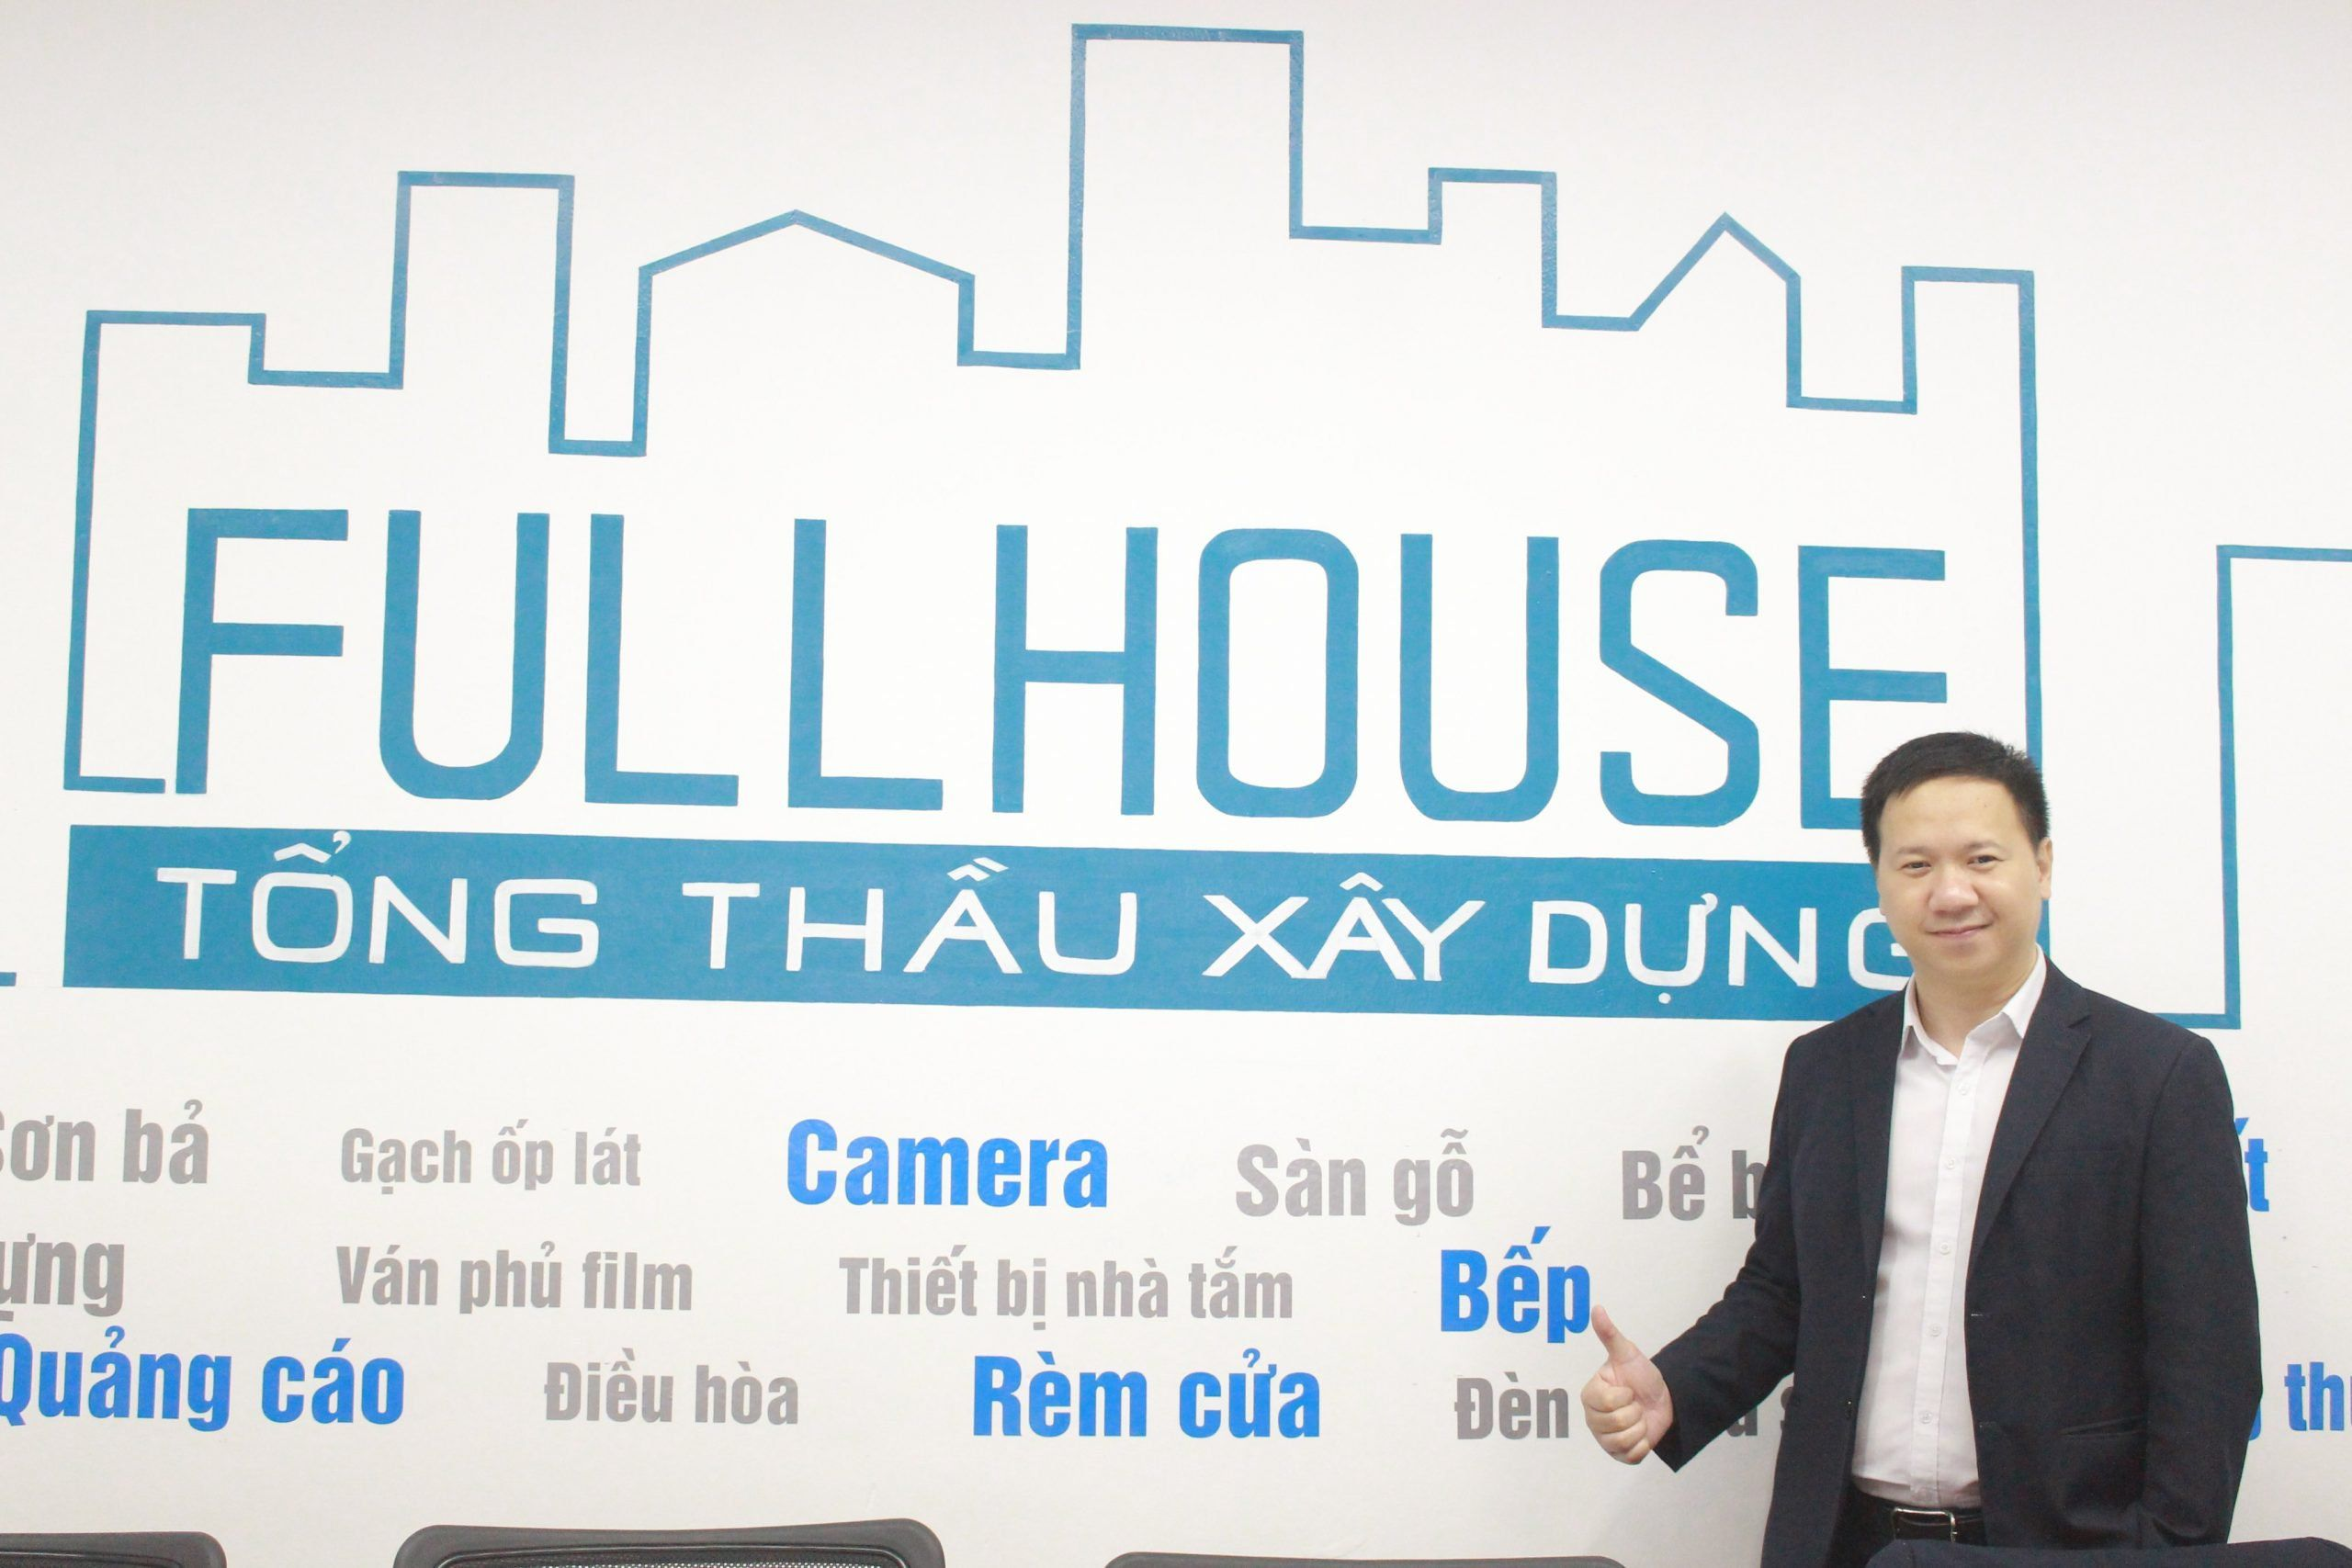 Hoàn thiện nhà All in One với FullHouse – tổng thầu xây dựng uy tín tại Hà Nội